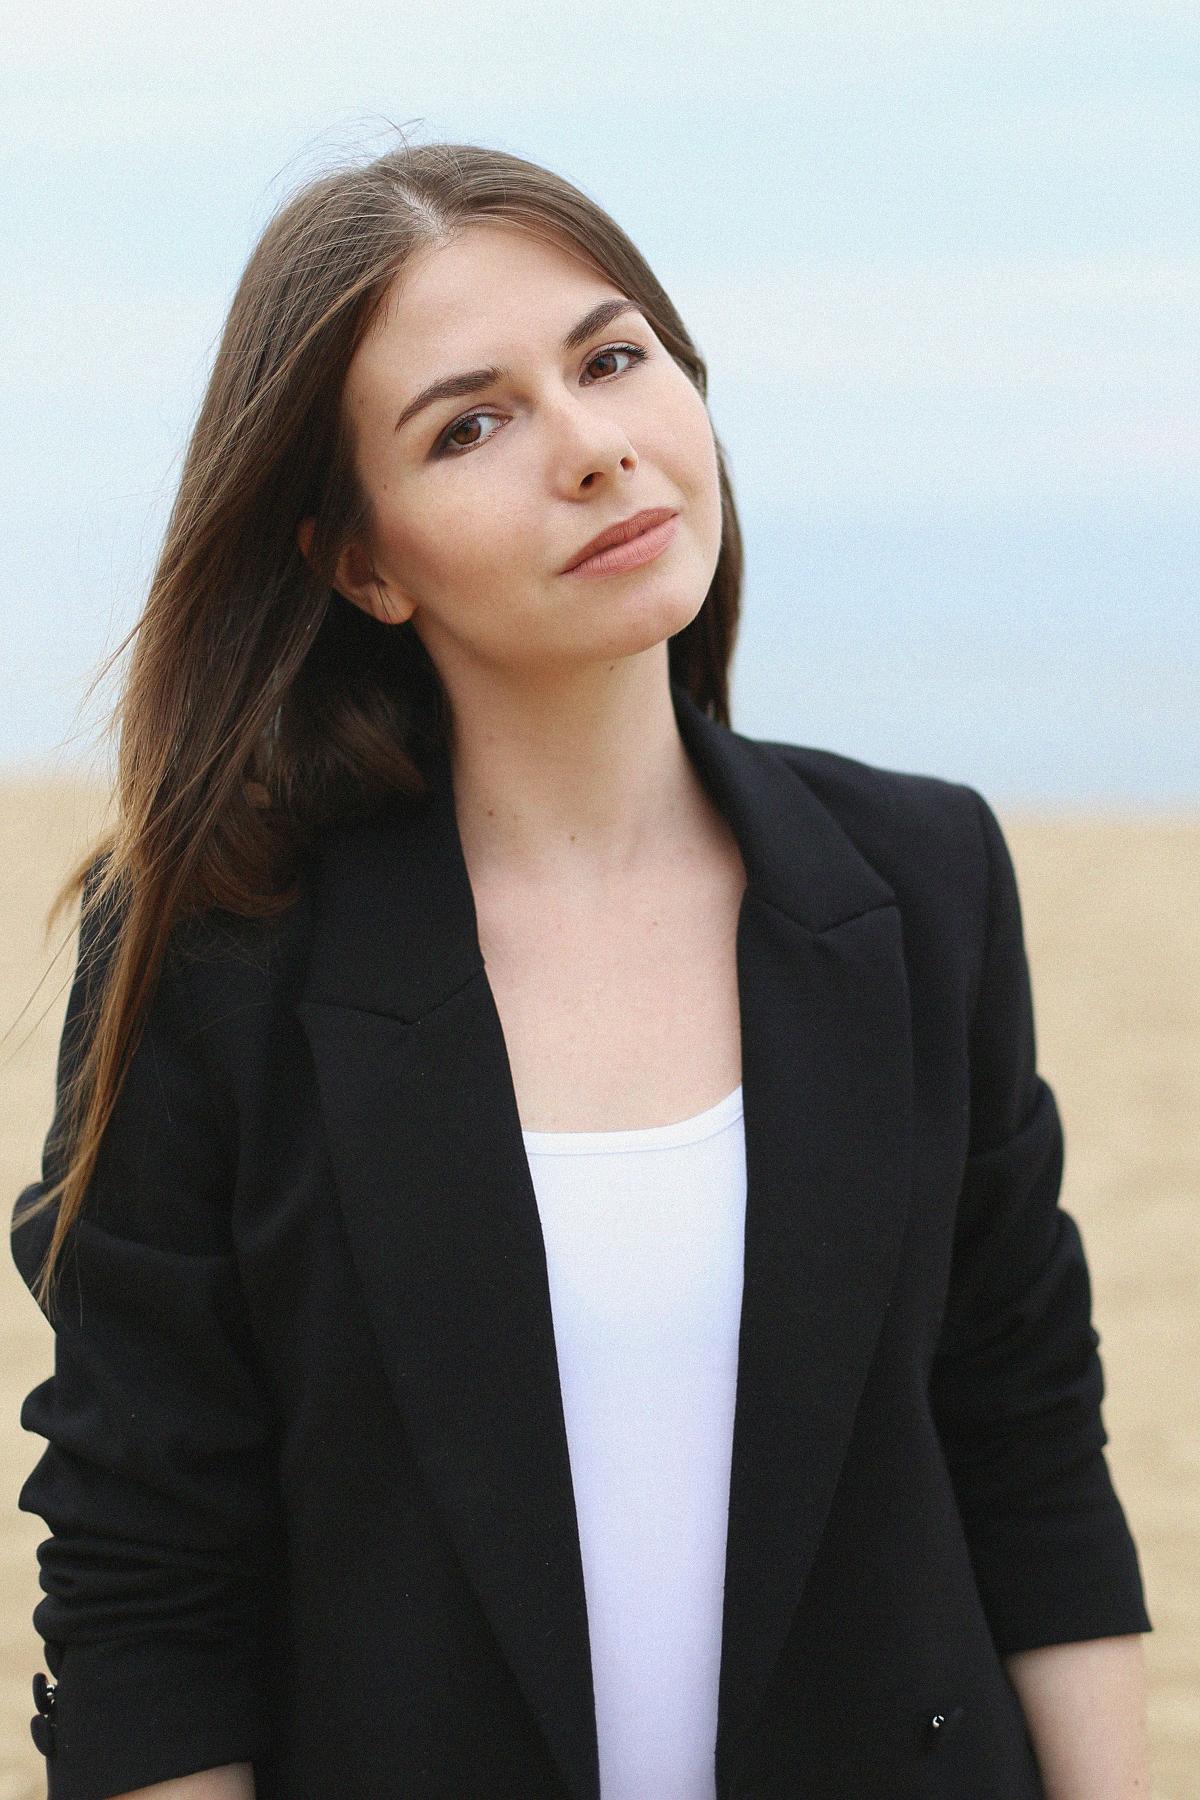 Minimalizm - biała sukienka i czarna marynarka oversize